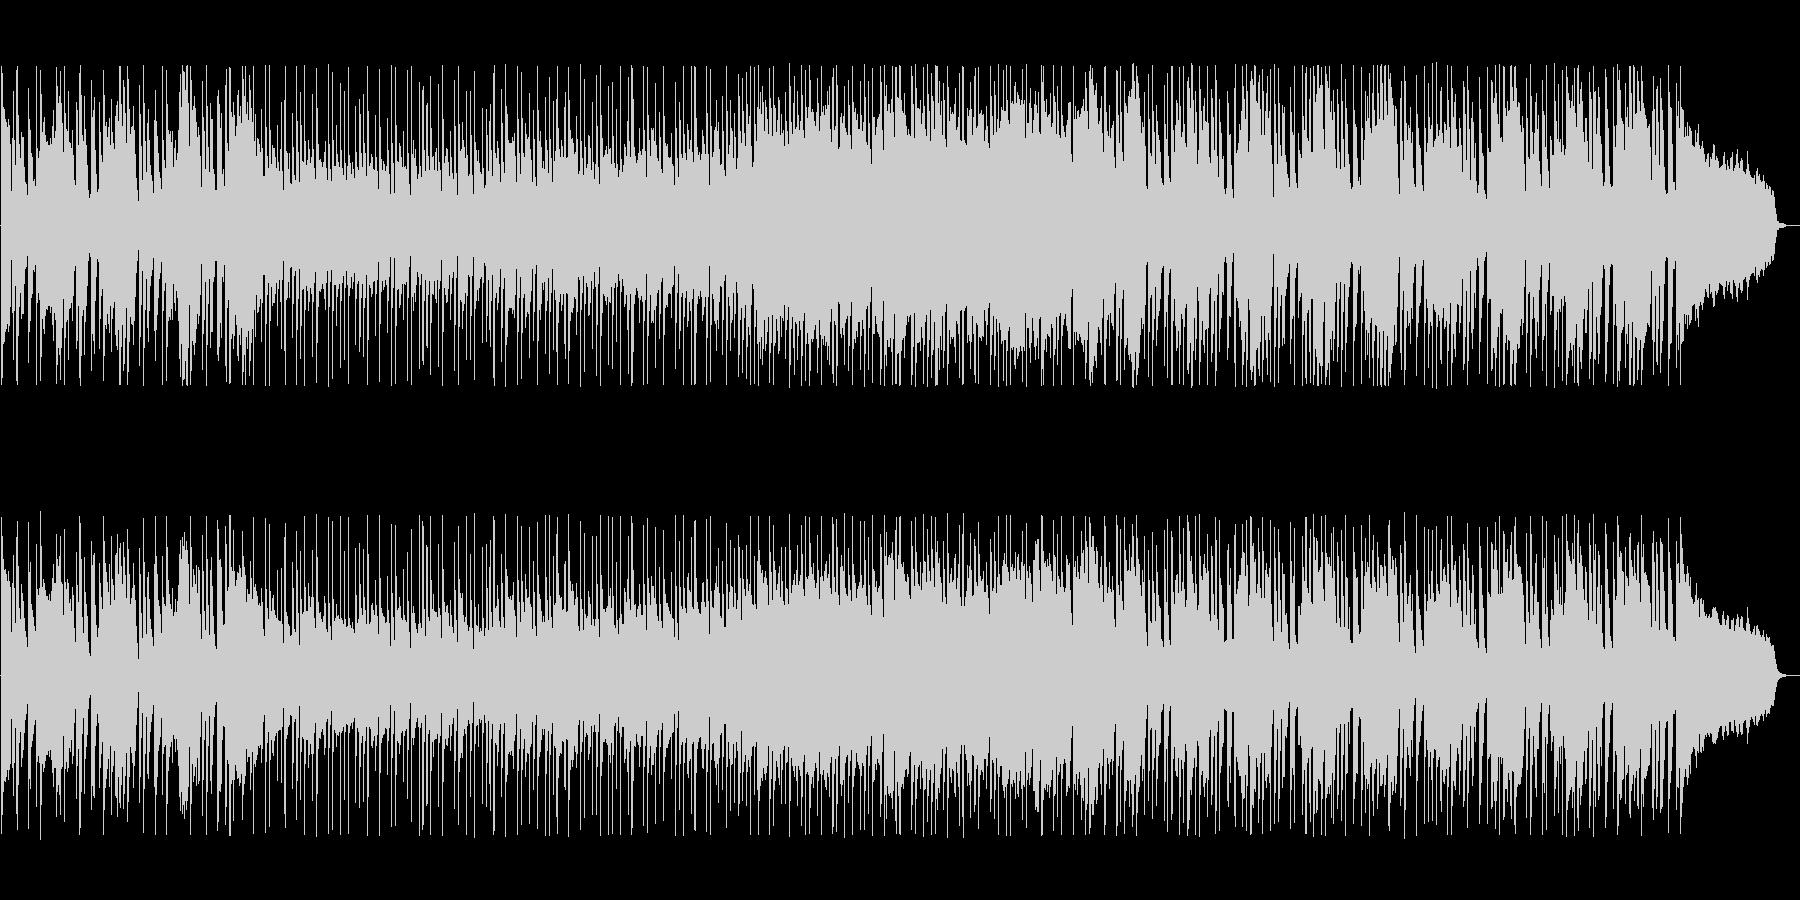 緩やかでリズミカルなシンセポップサウンドの未再生の波形